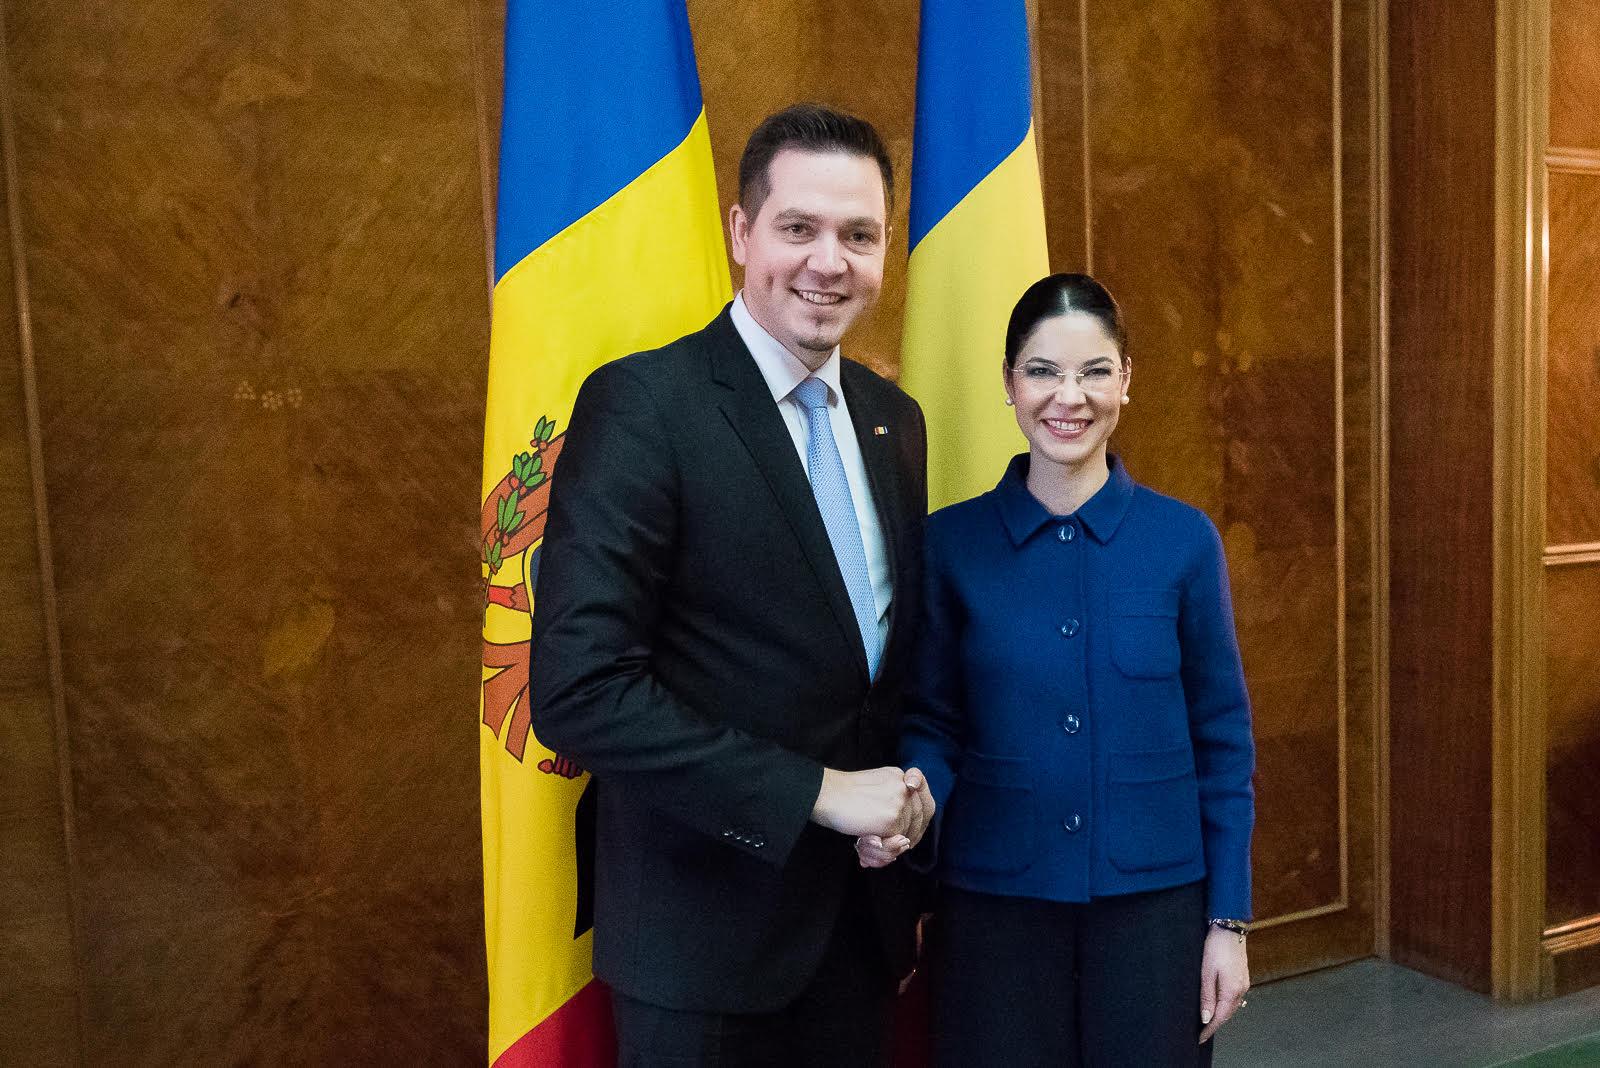 România a demonstrat consecvență în angajamentul de a sprijini integrarea europeană a Republicii Moldova